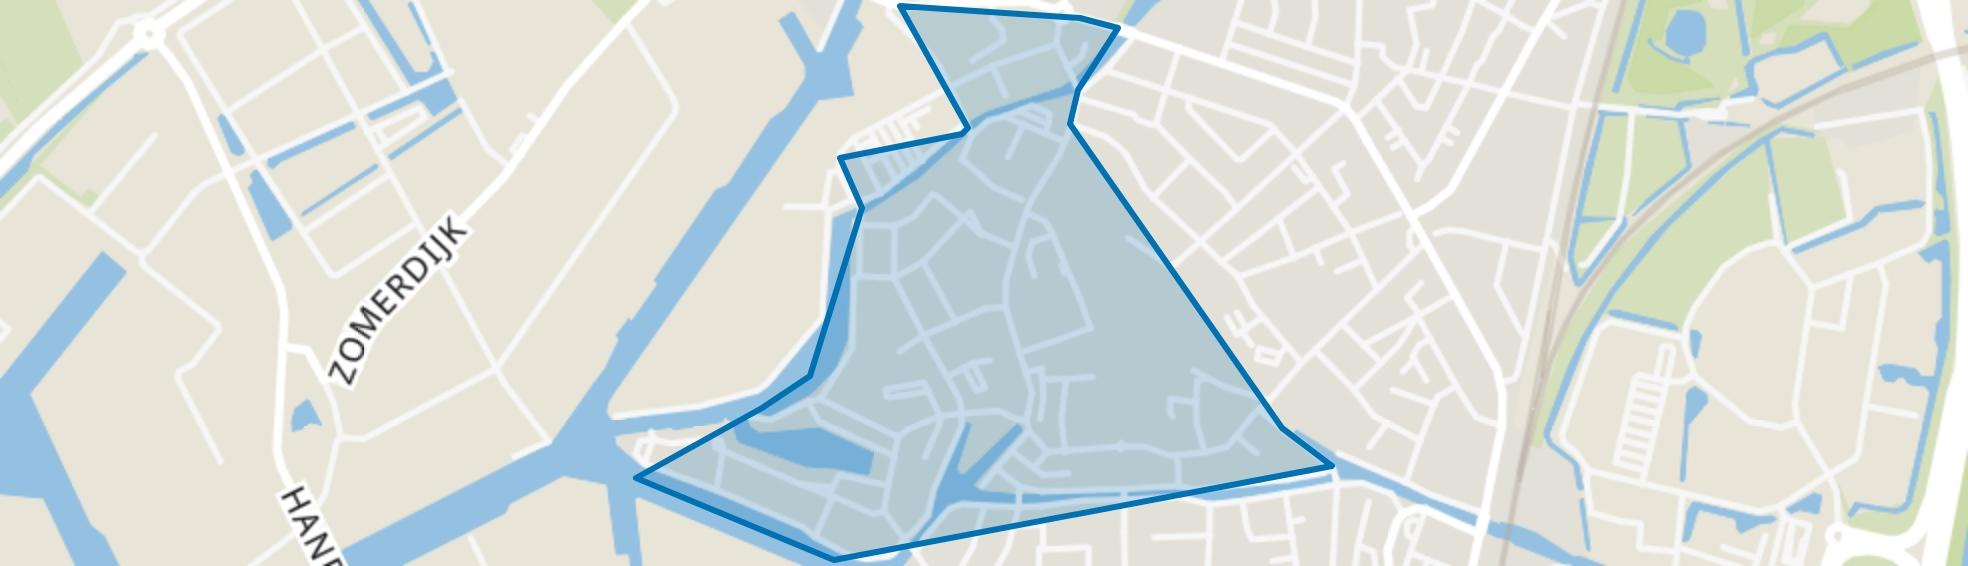 Historisch Centrum, Meppel map